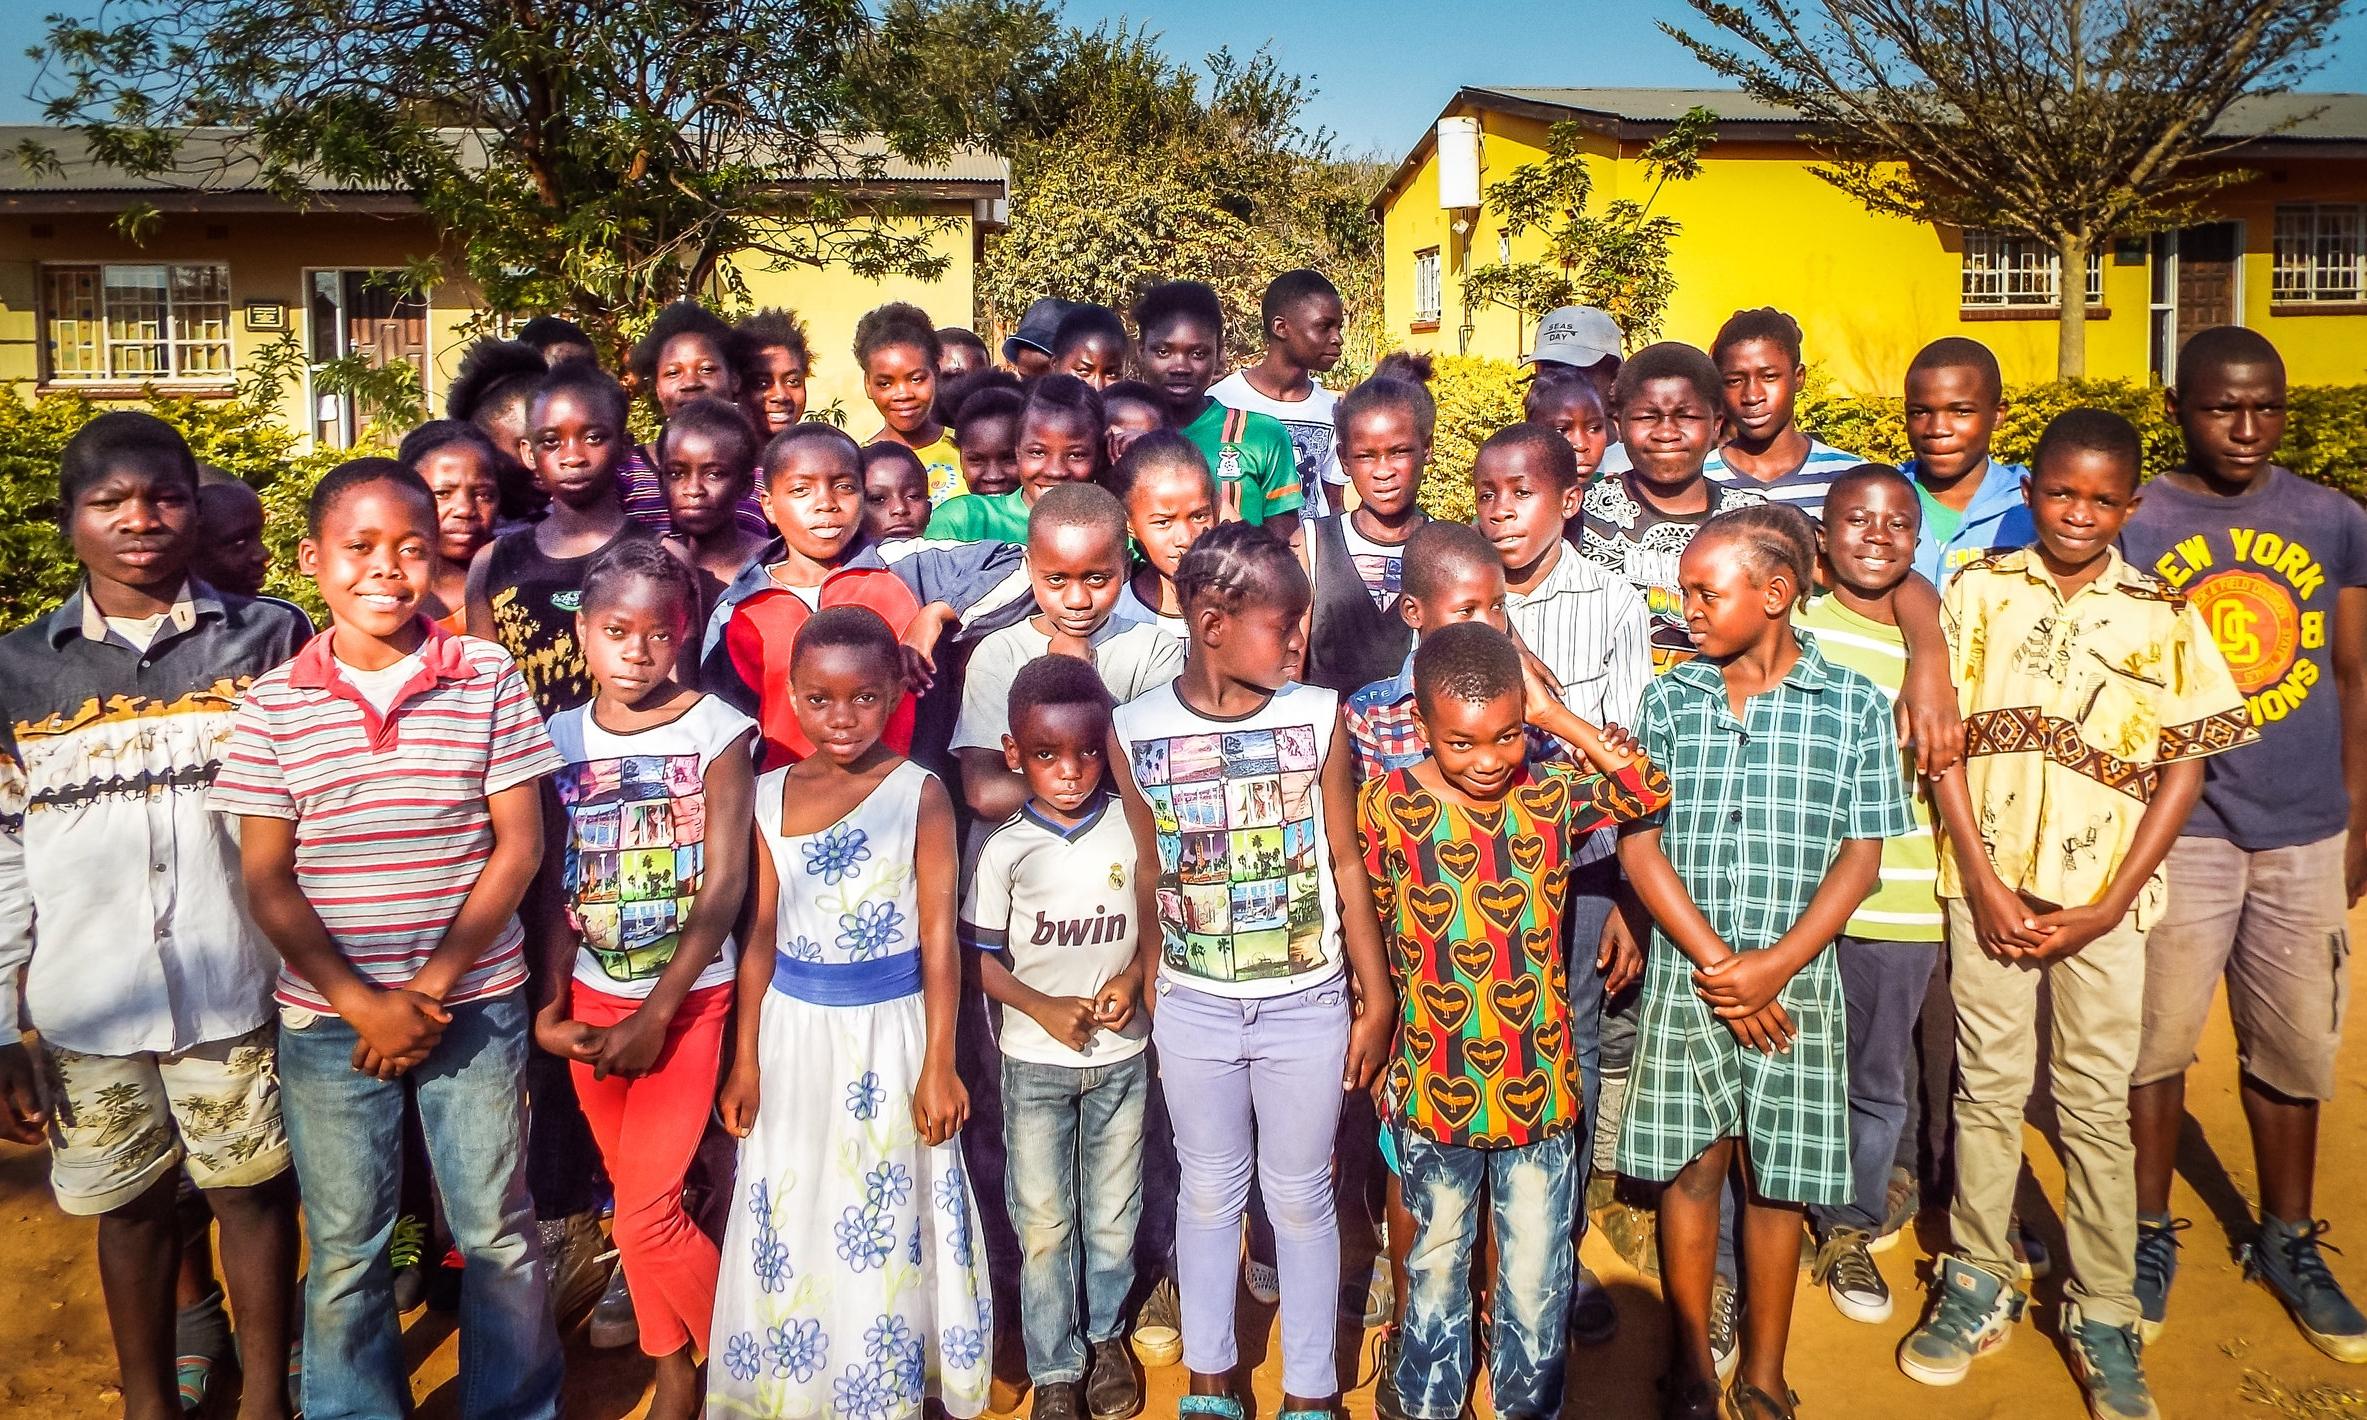 Chishawasha_Children